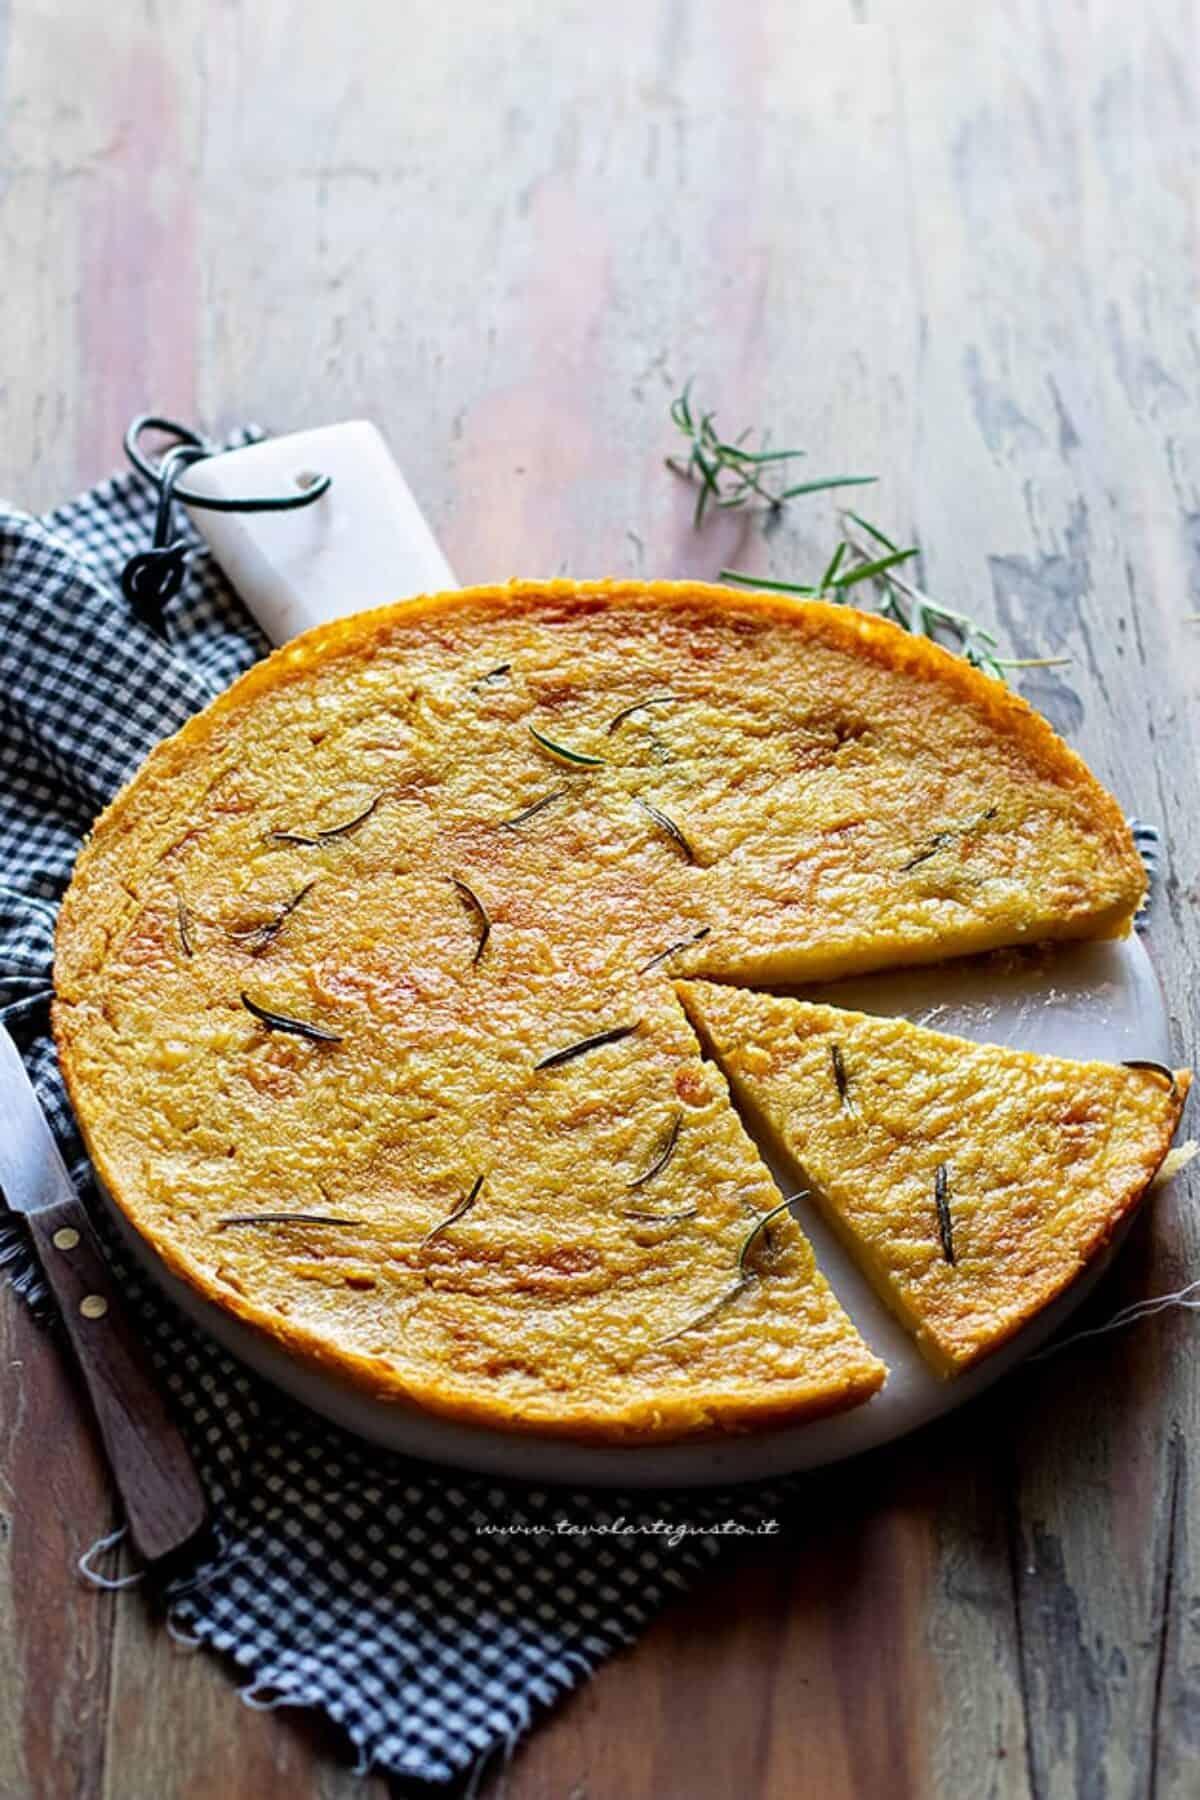 Ricetta Farinata Con Ceci In Scatola.Farinata Di Ceci La Ricetta Originale Ligure Da Fare In Casa Passo Passo